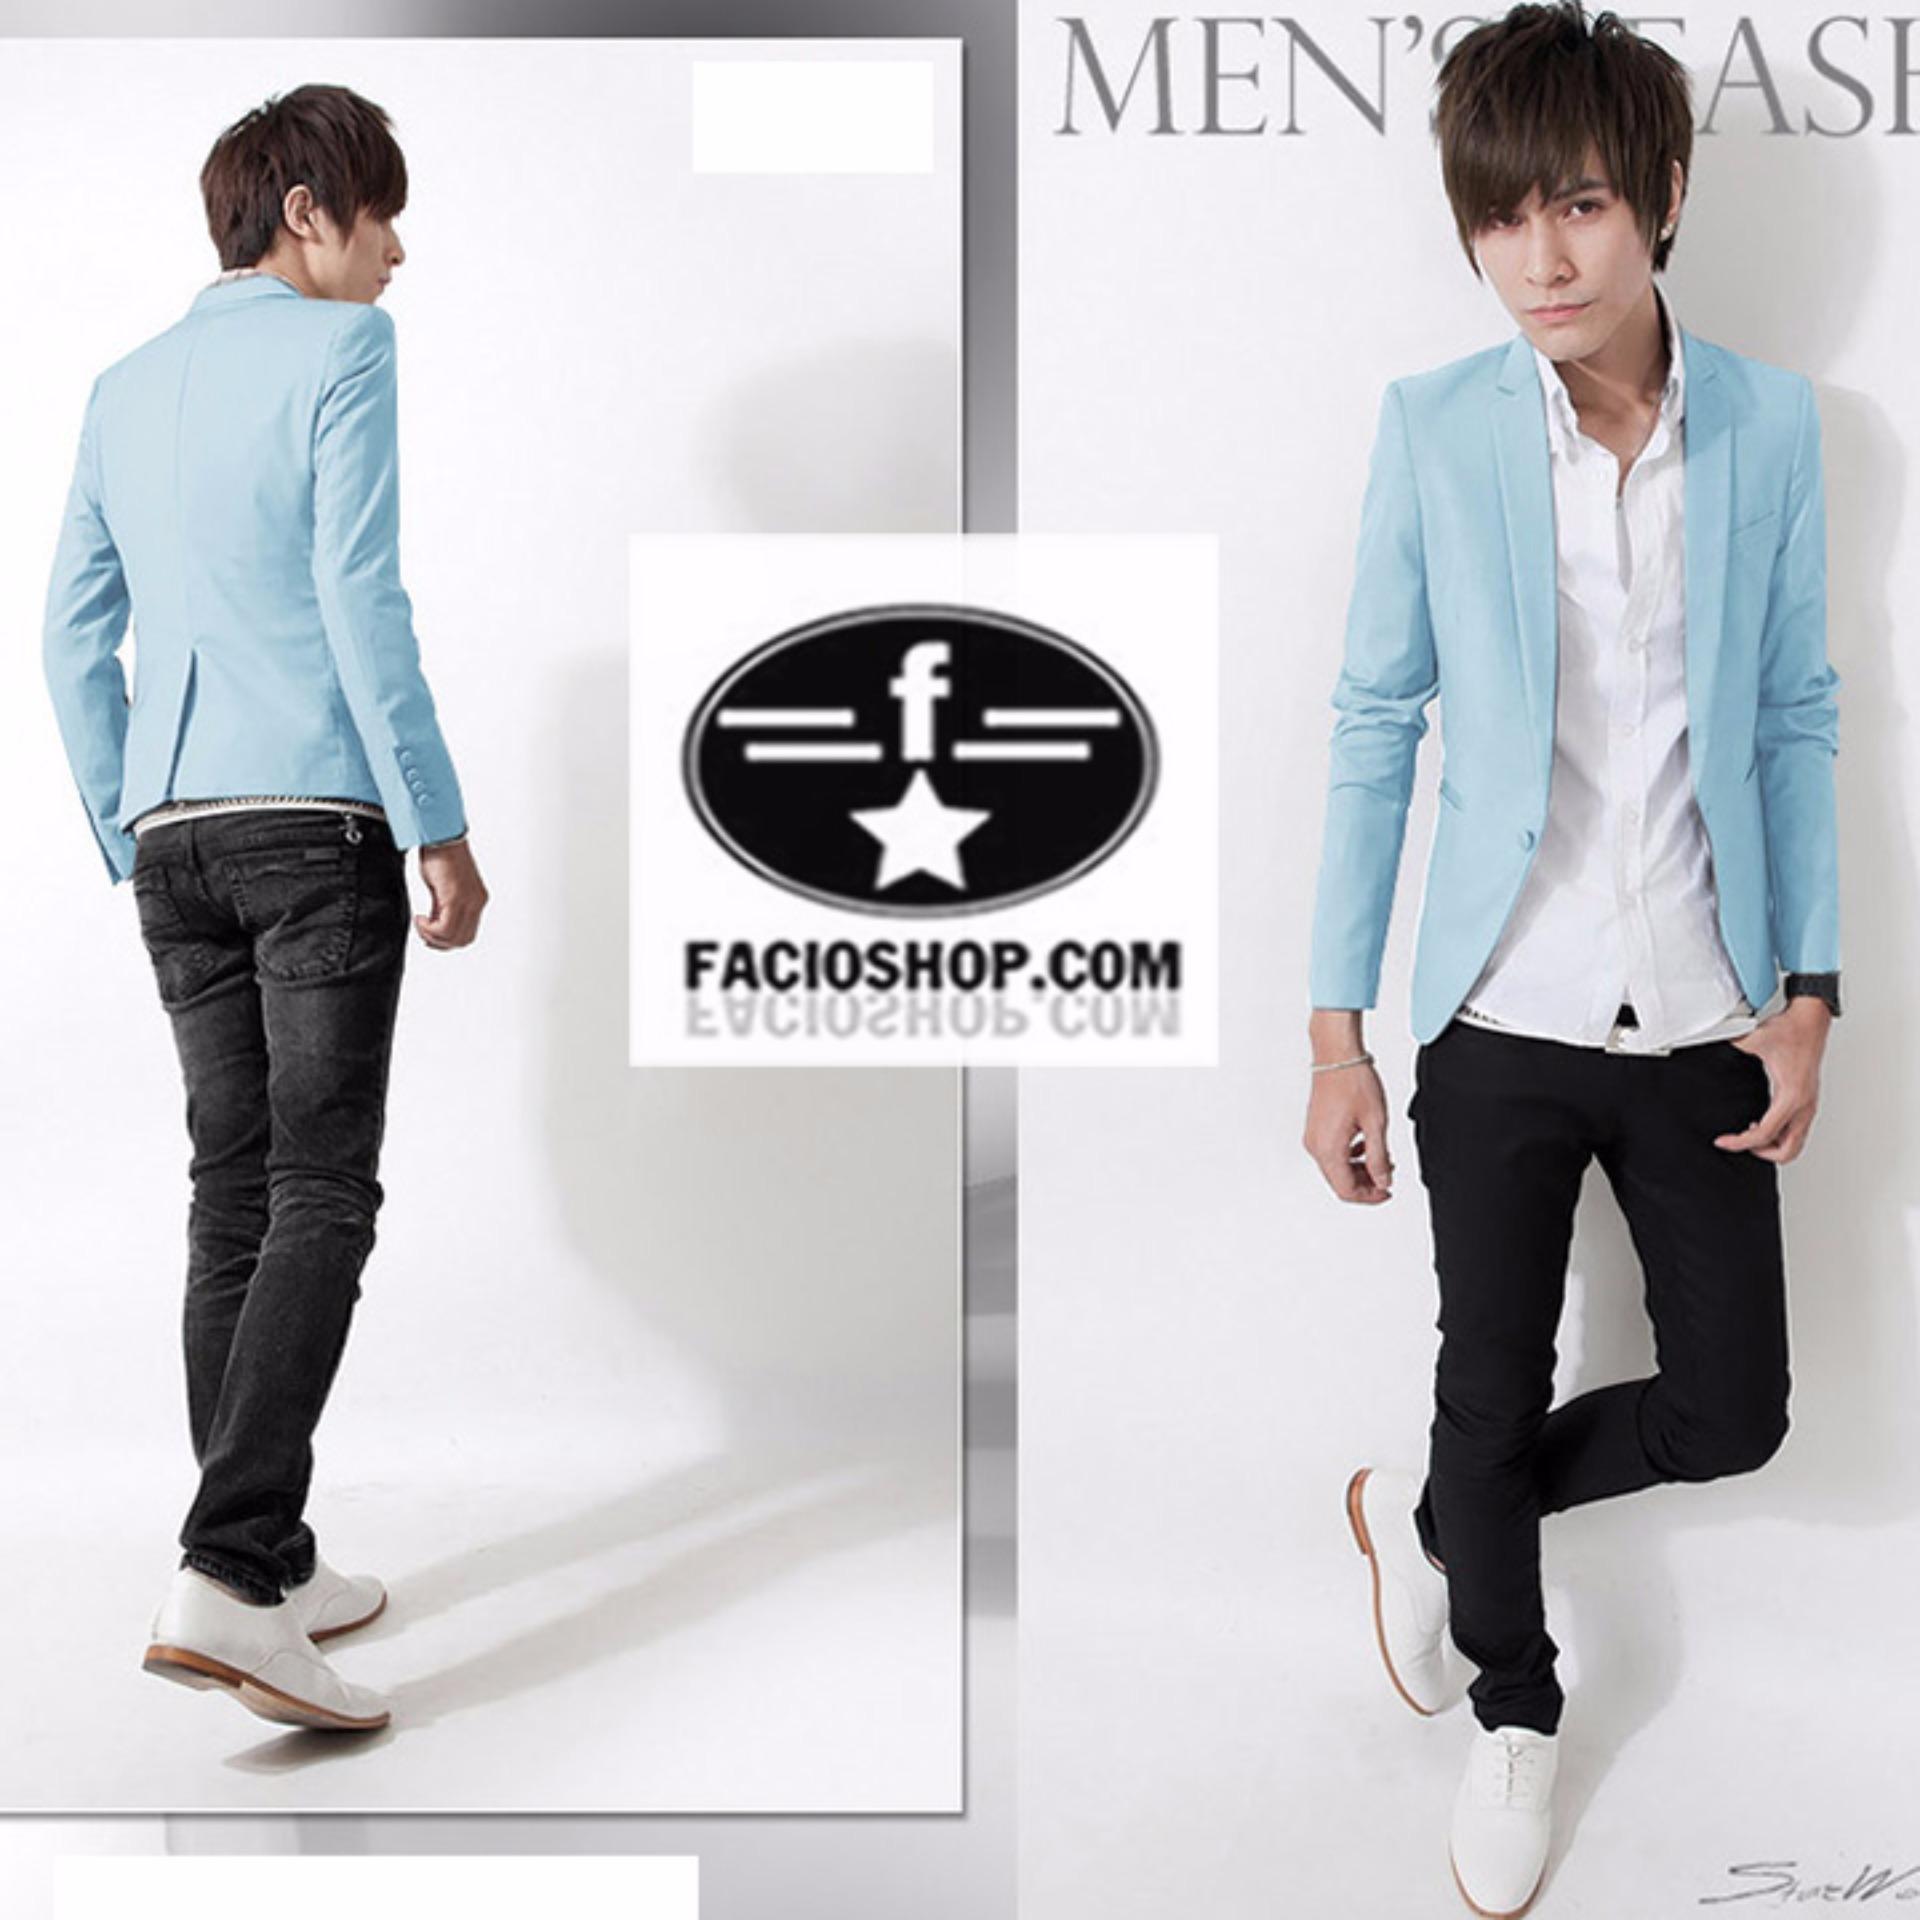 Áo Vest Nam Facio Shop Zf01